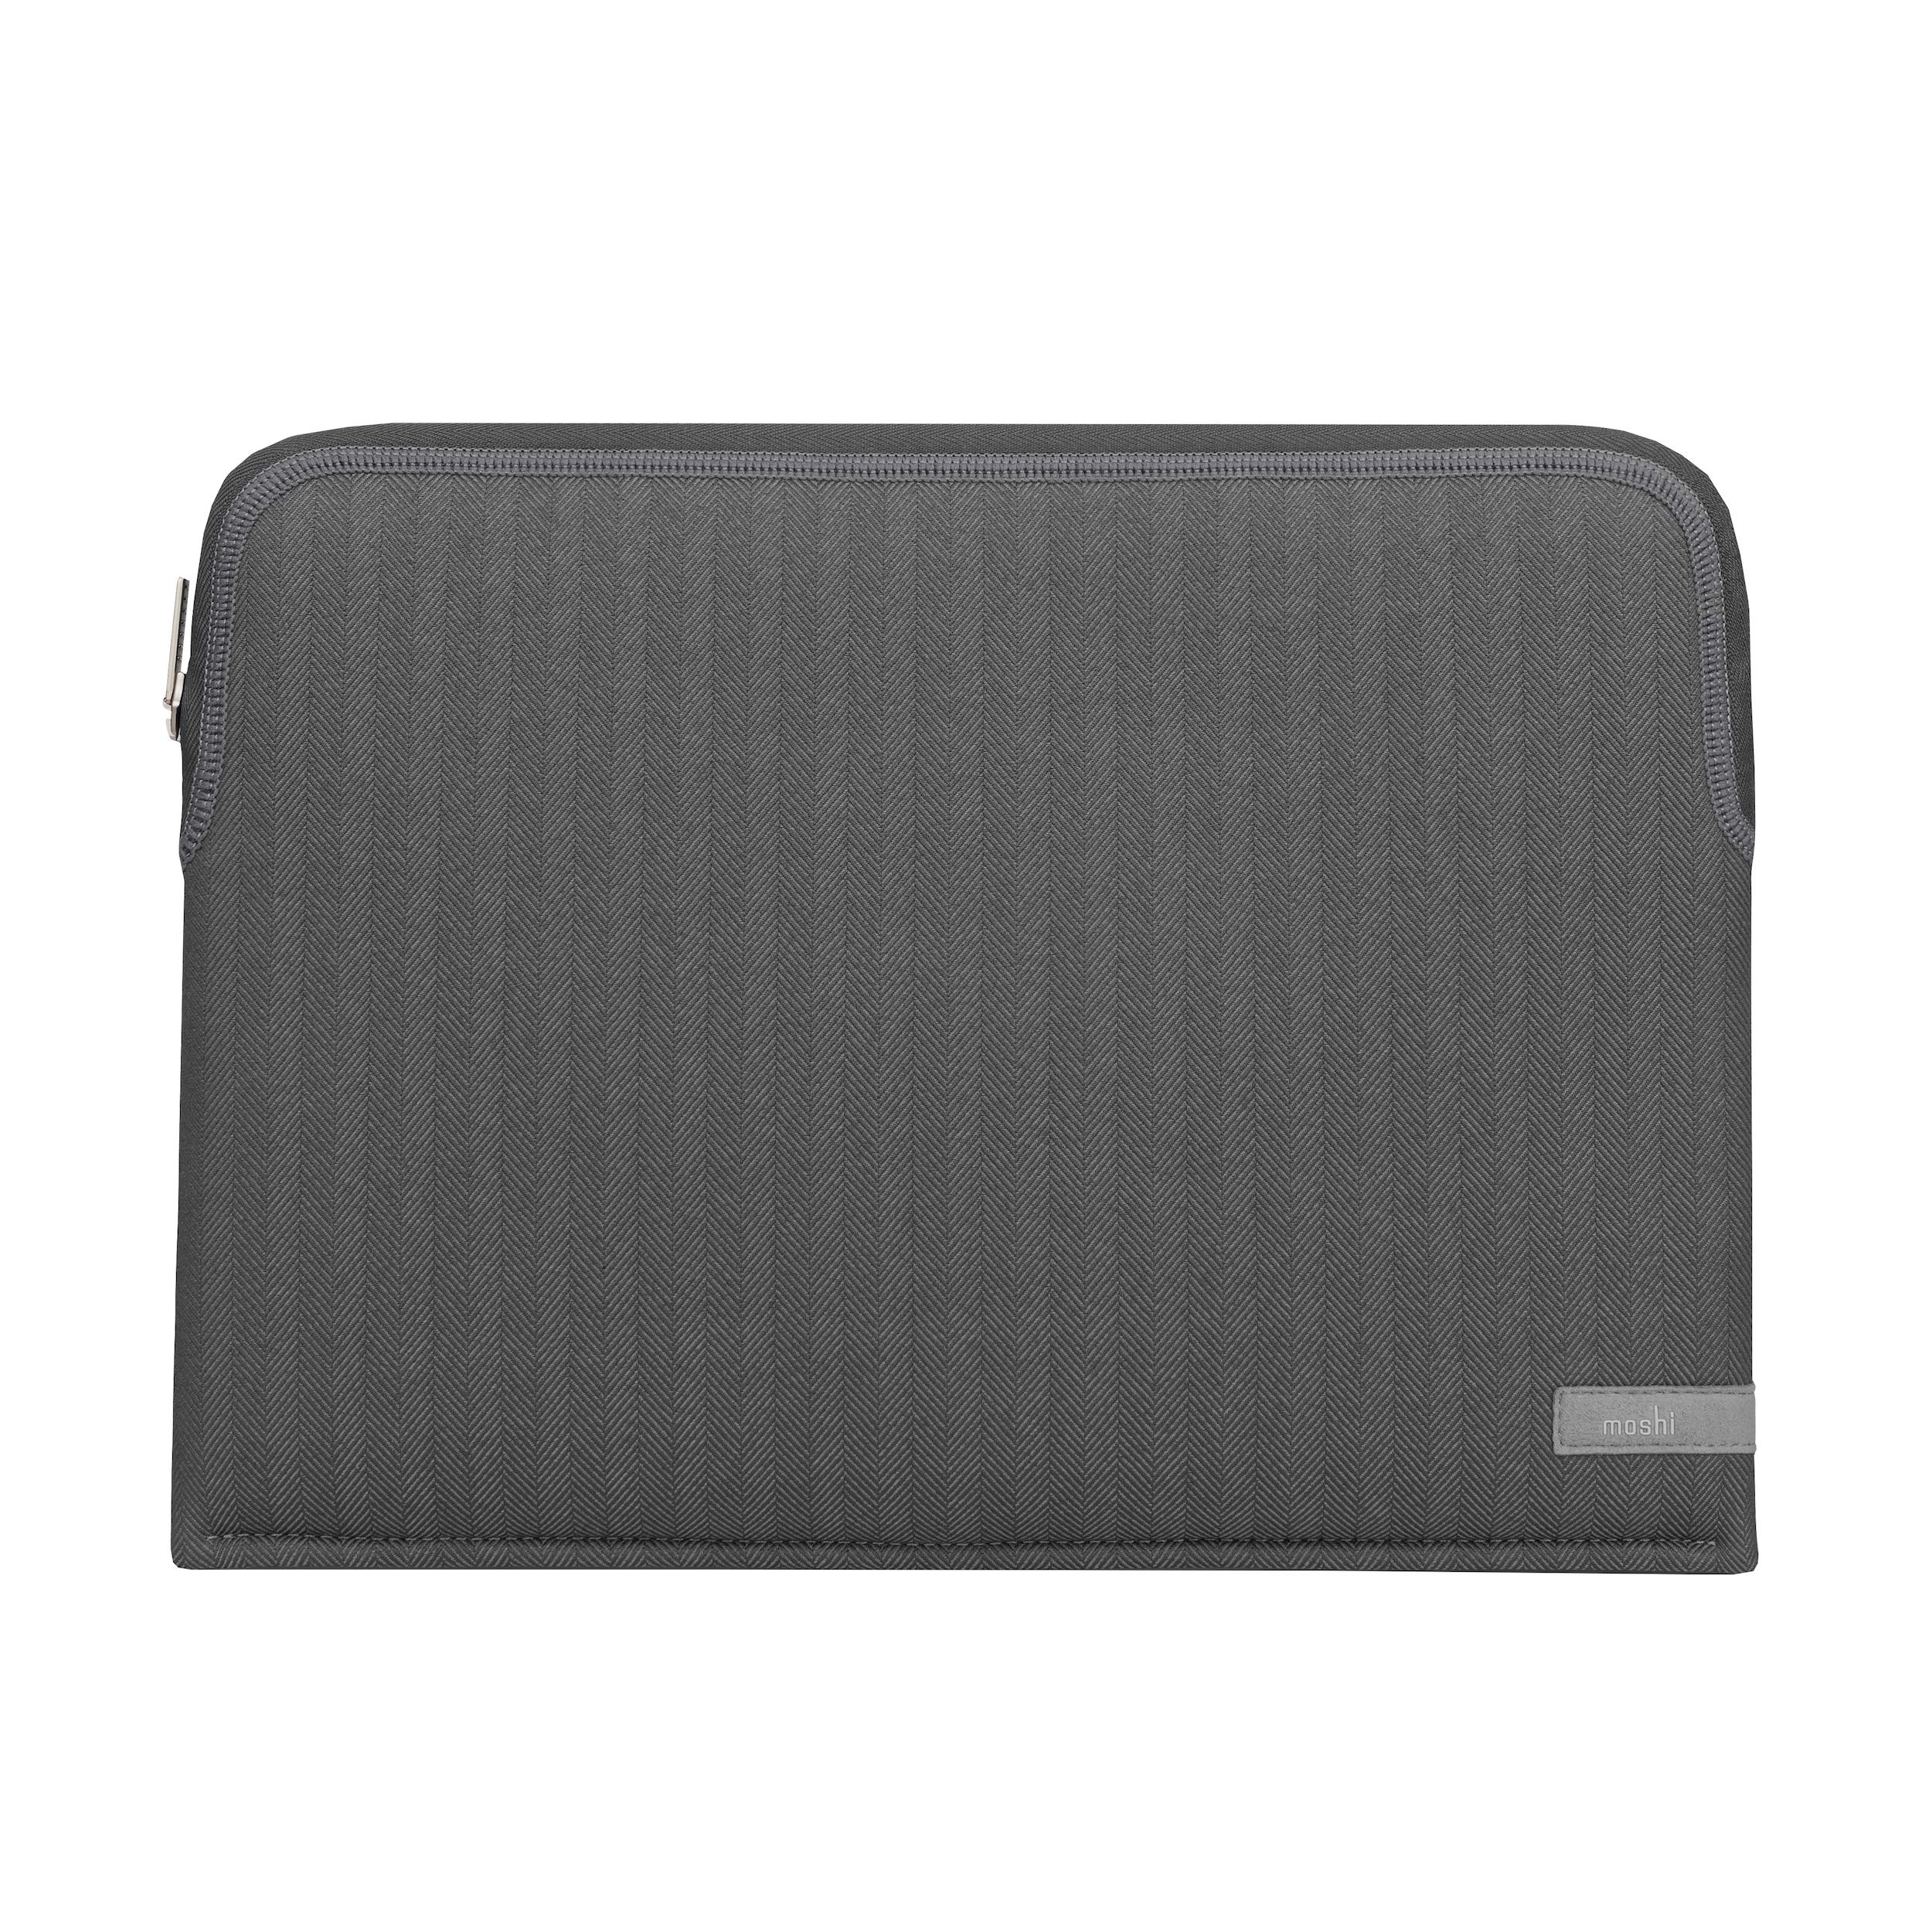 کاور لپ تاپ موشی مدل Pluma مناسب برای مک بوک ایر ۱۳ اینچ